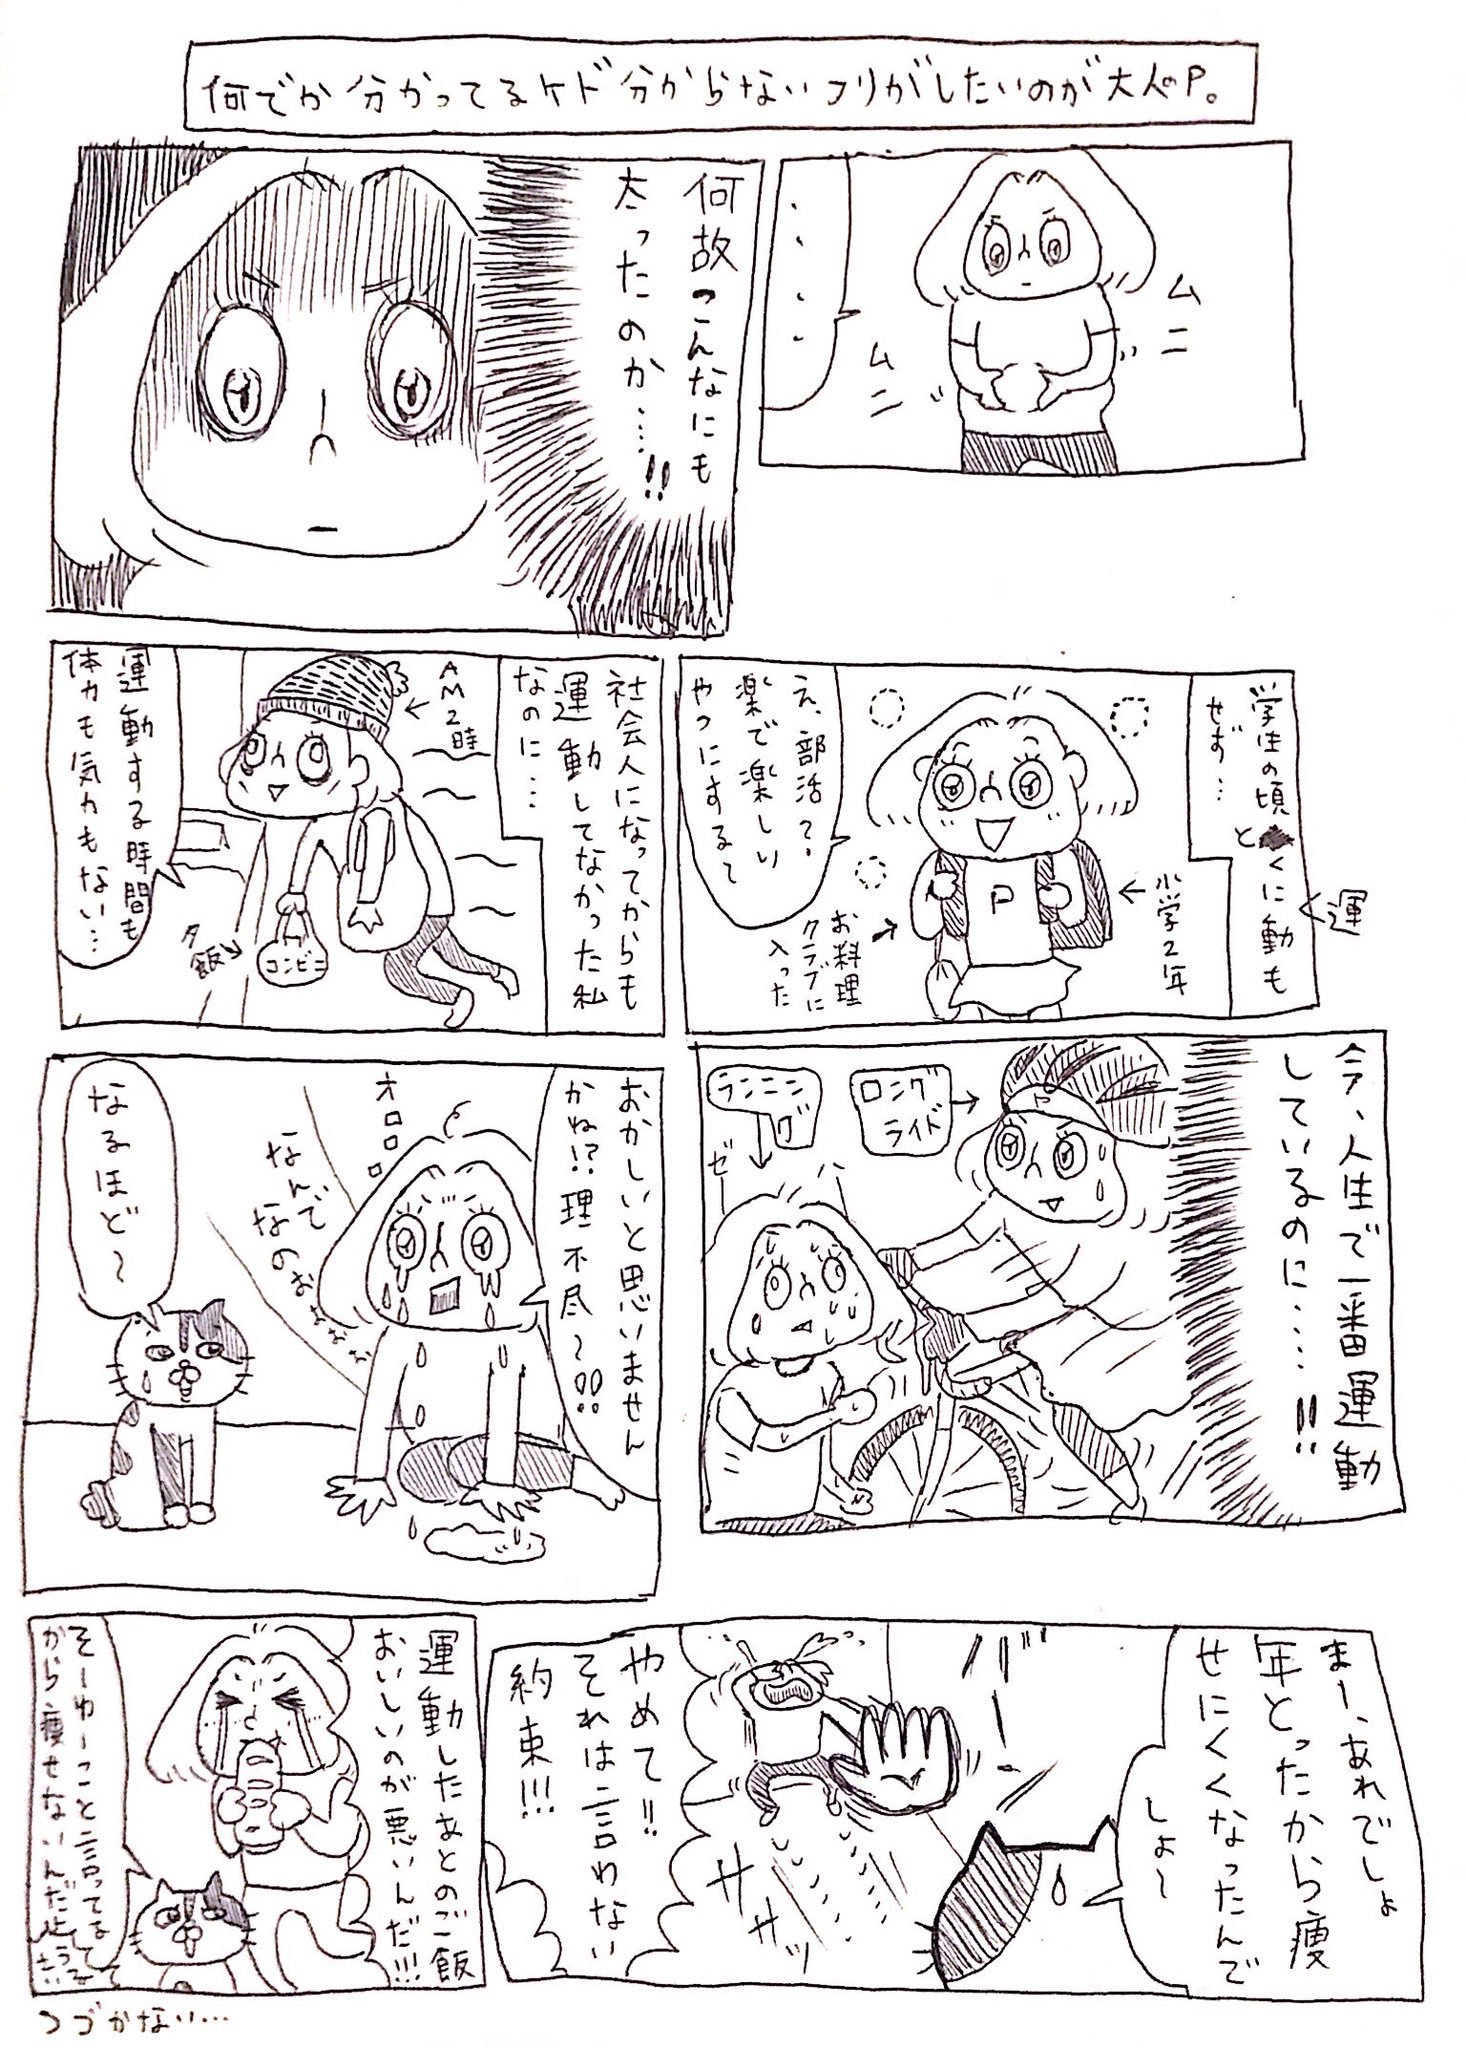 Twitterに投稿しているPちゃんの日常4コマ漫画まとめ3<全13話>なぜ太るのか